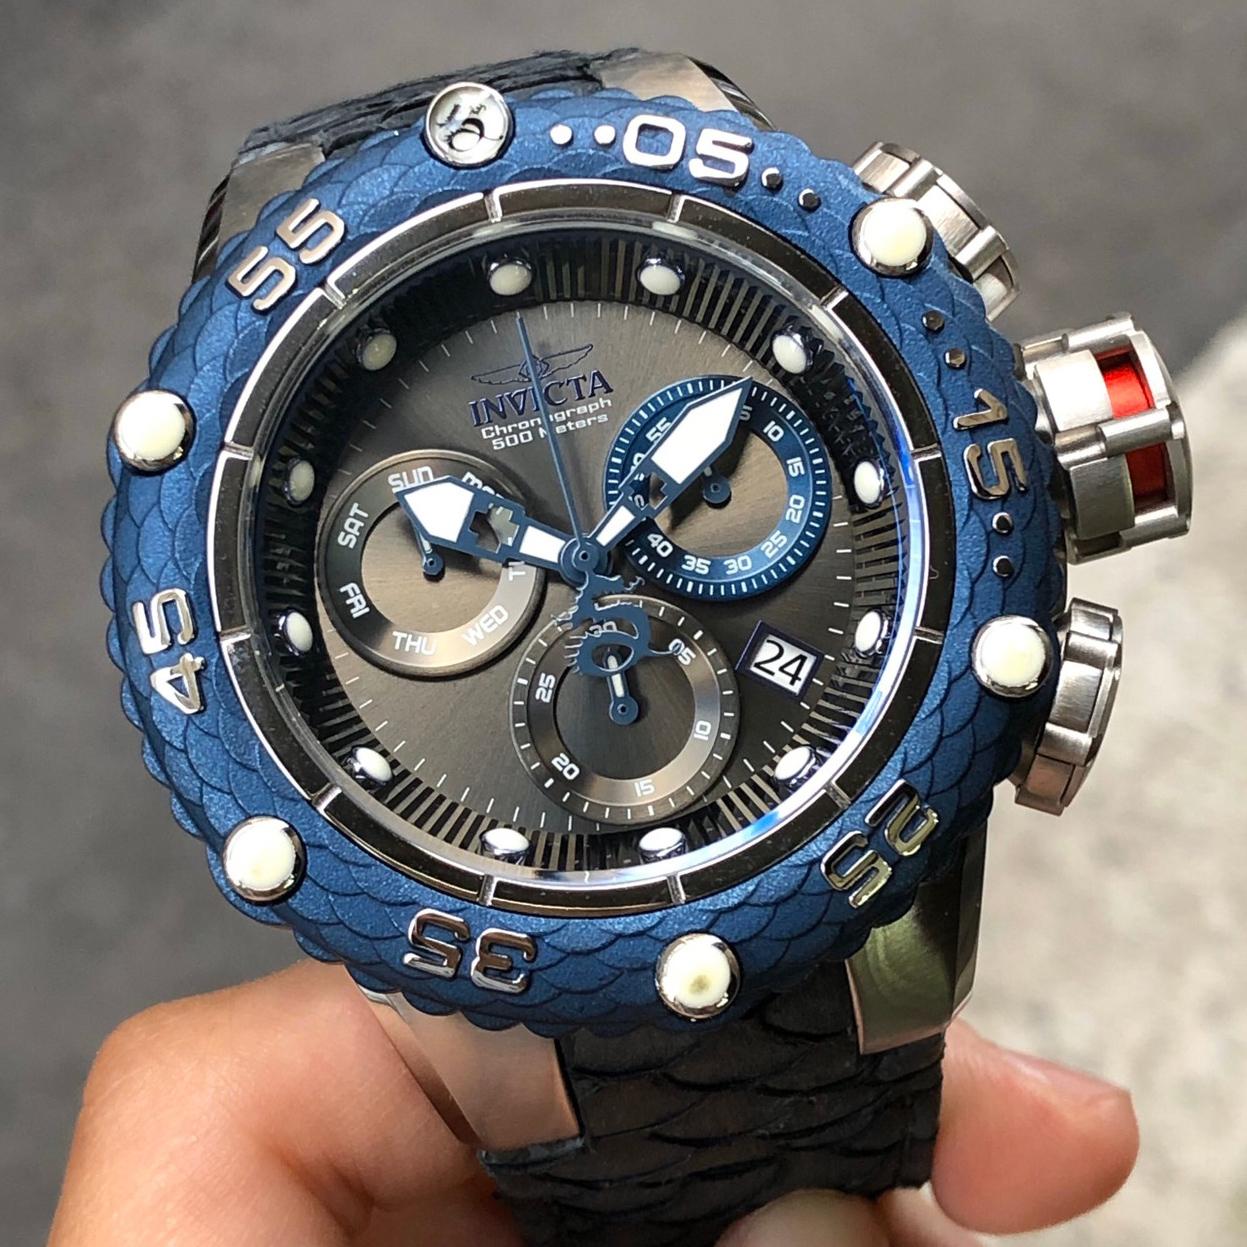 全新現貨出清價 可自取 INVICTA 25068 手錶 51mm 三眼計時 藍色錶圈 黑面盤 藍色蛇紋皮革錶帶 男錶